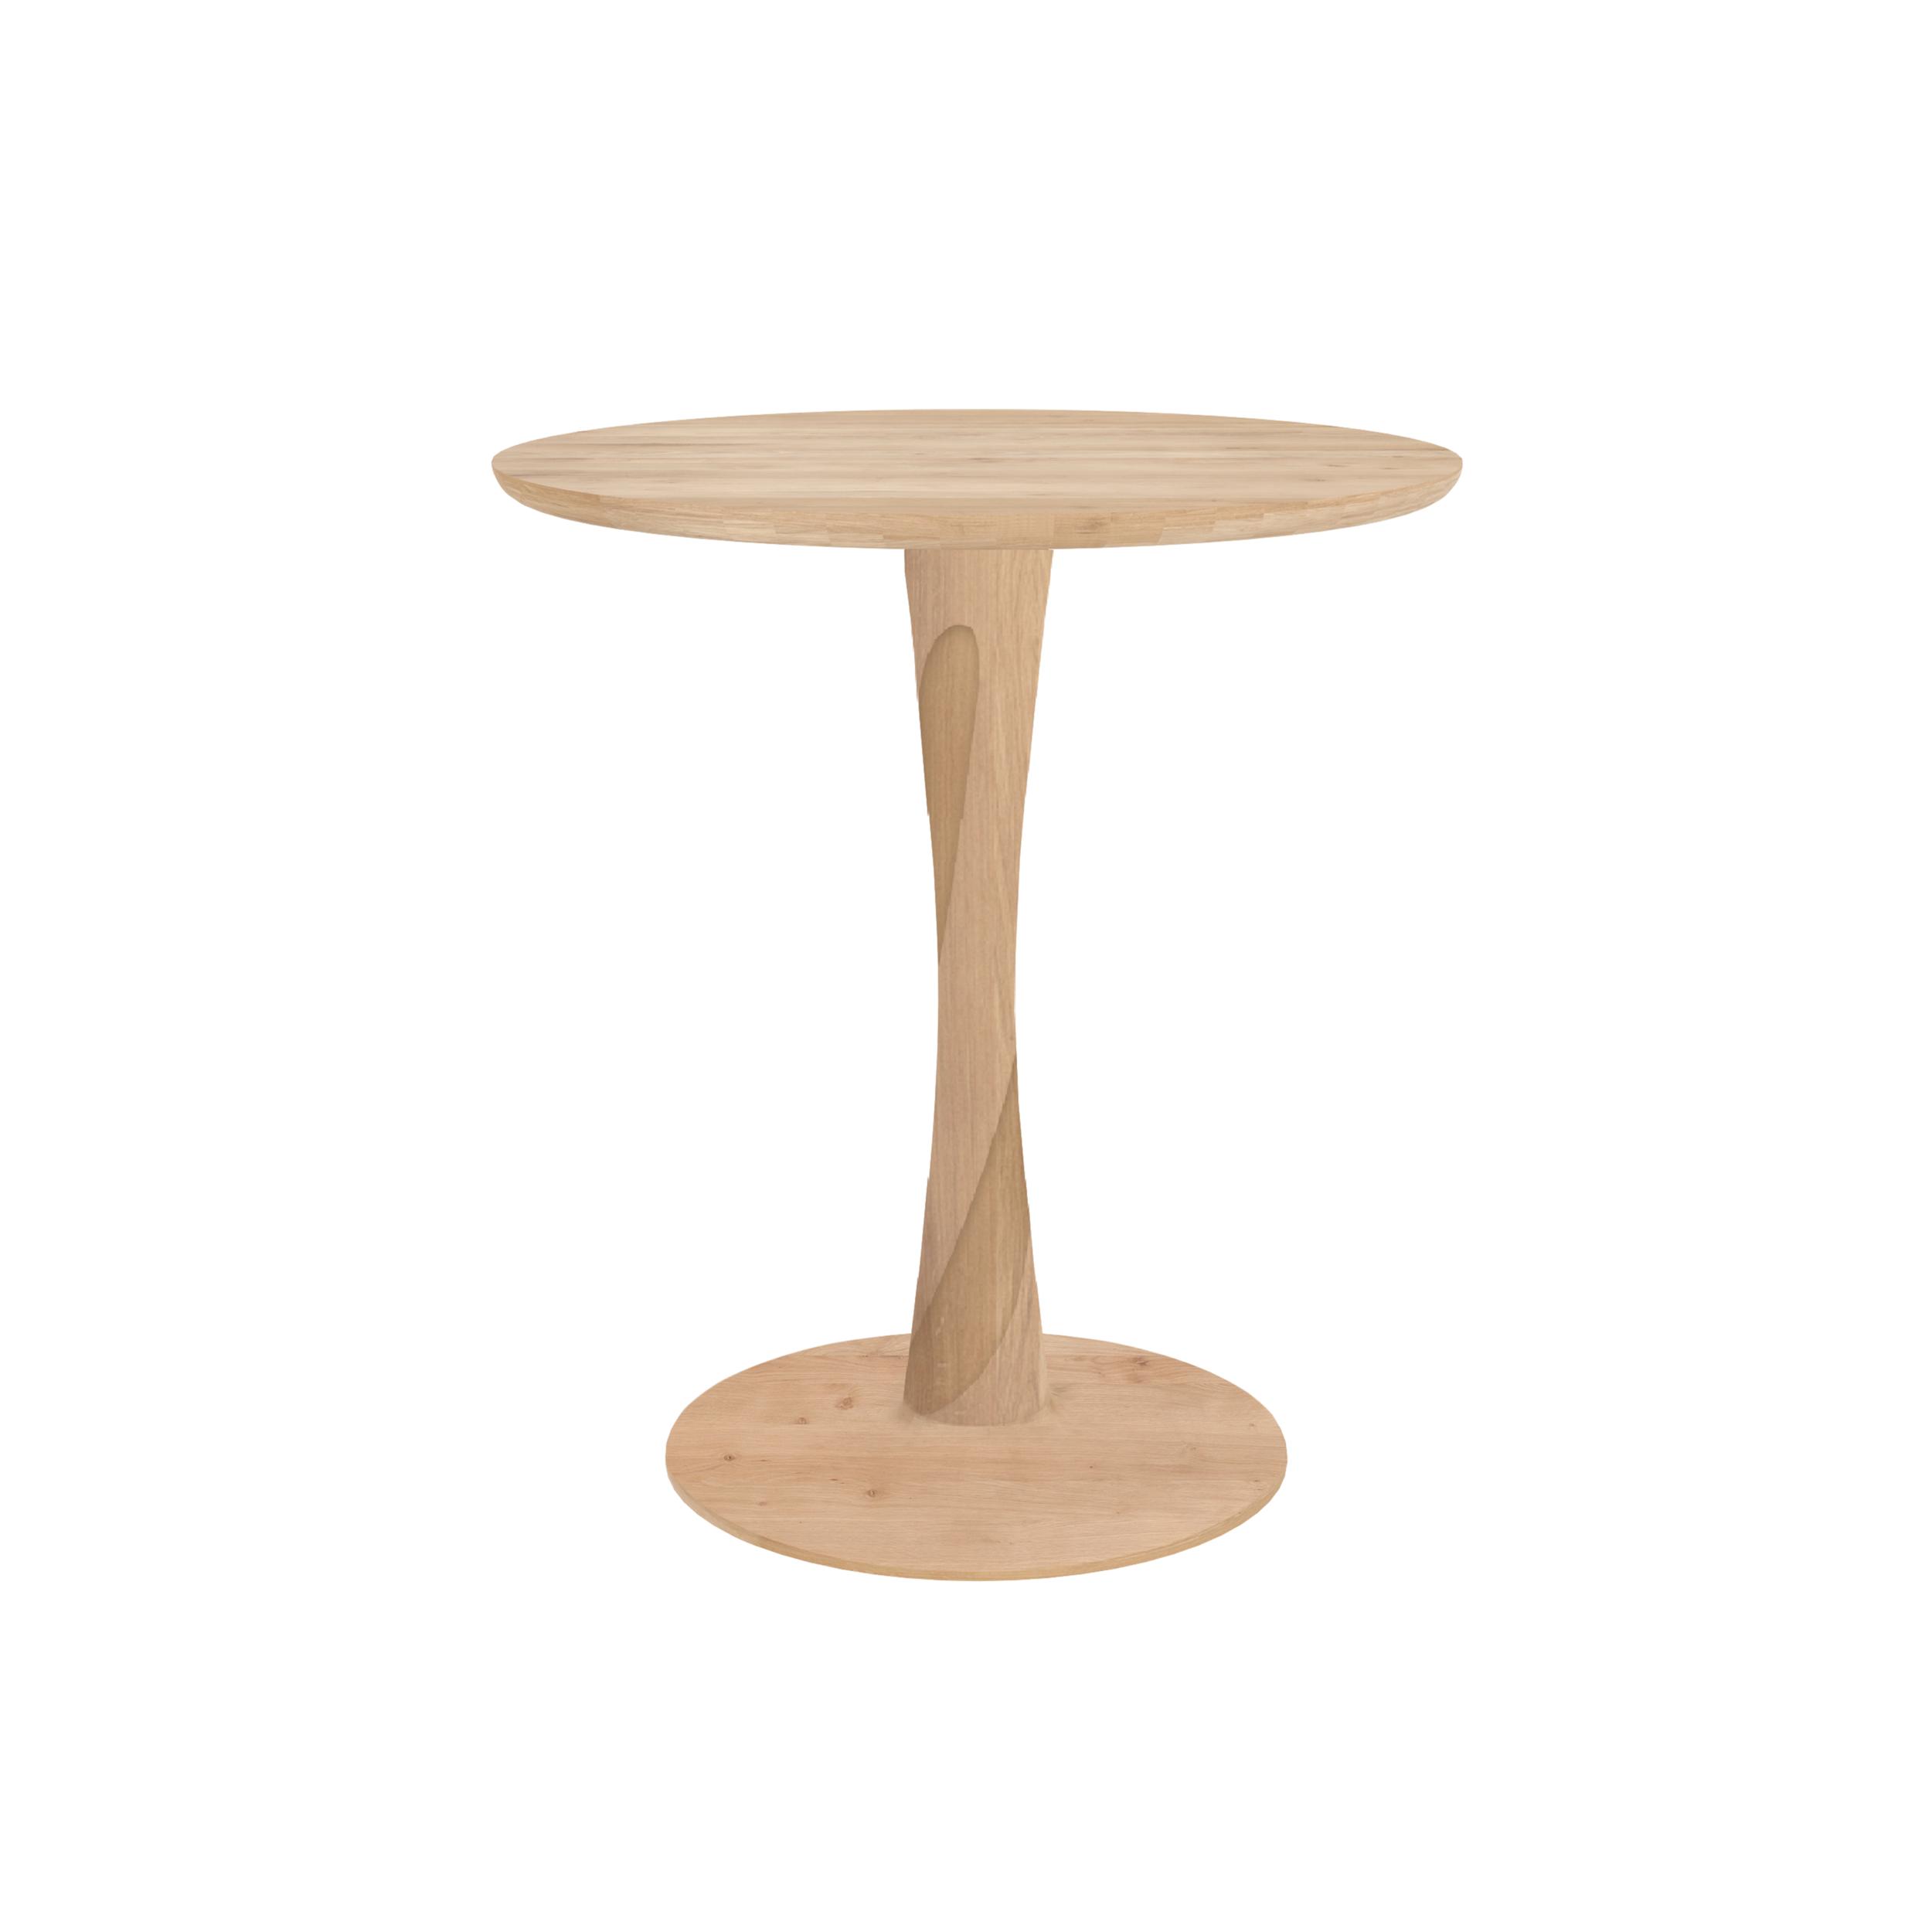 50017 Torsion dining table - Oak.jpg.png